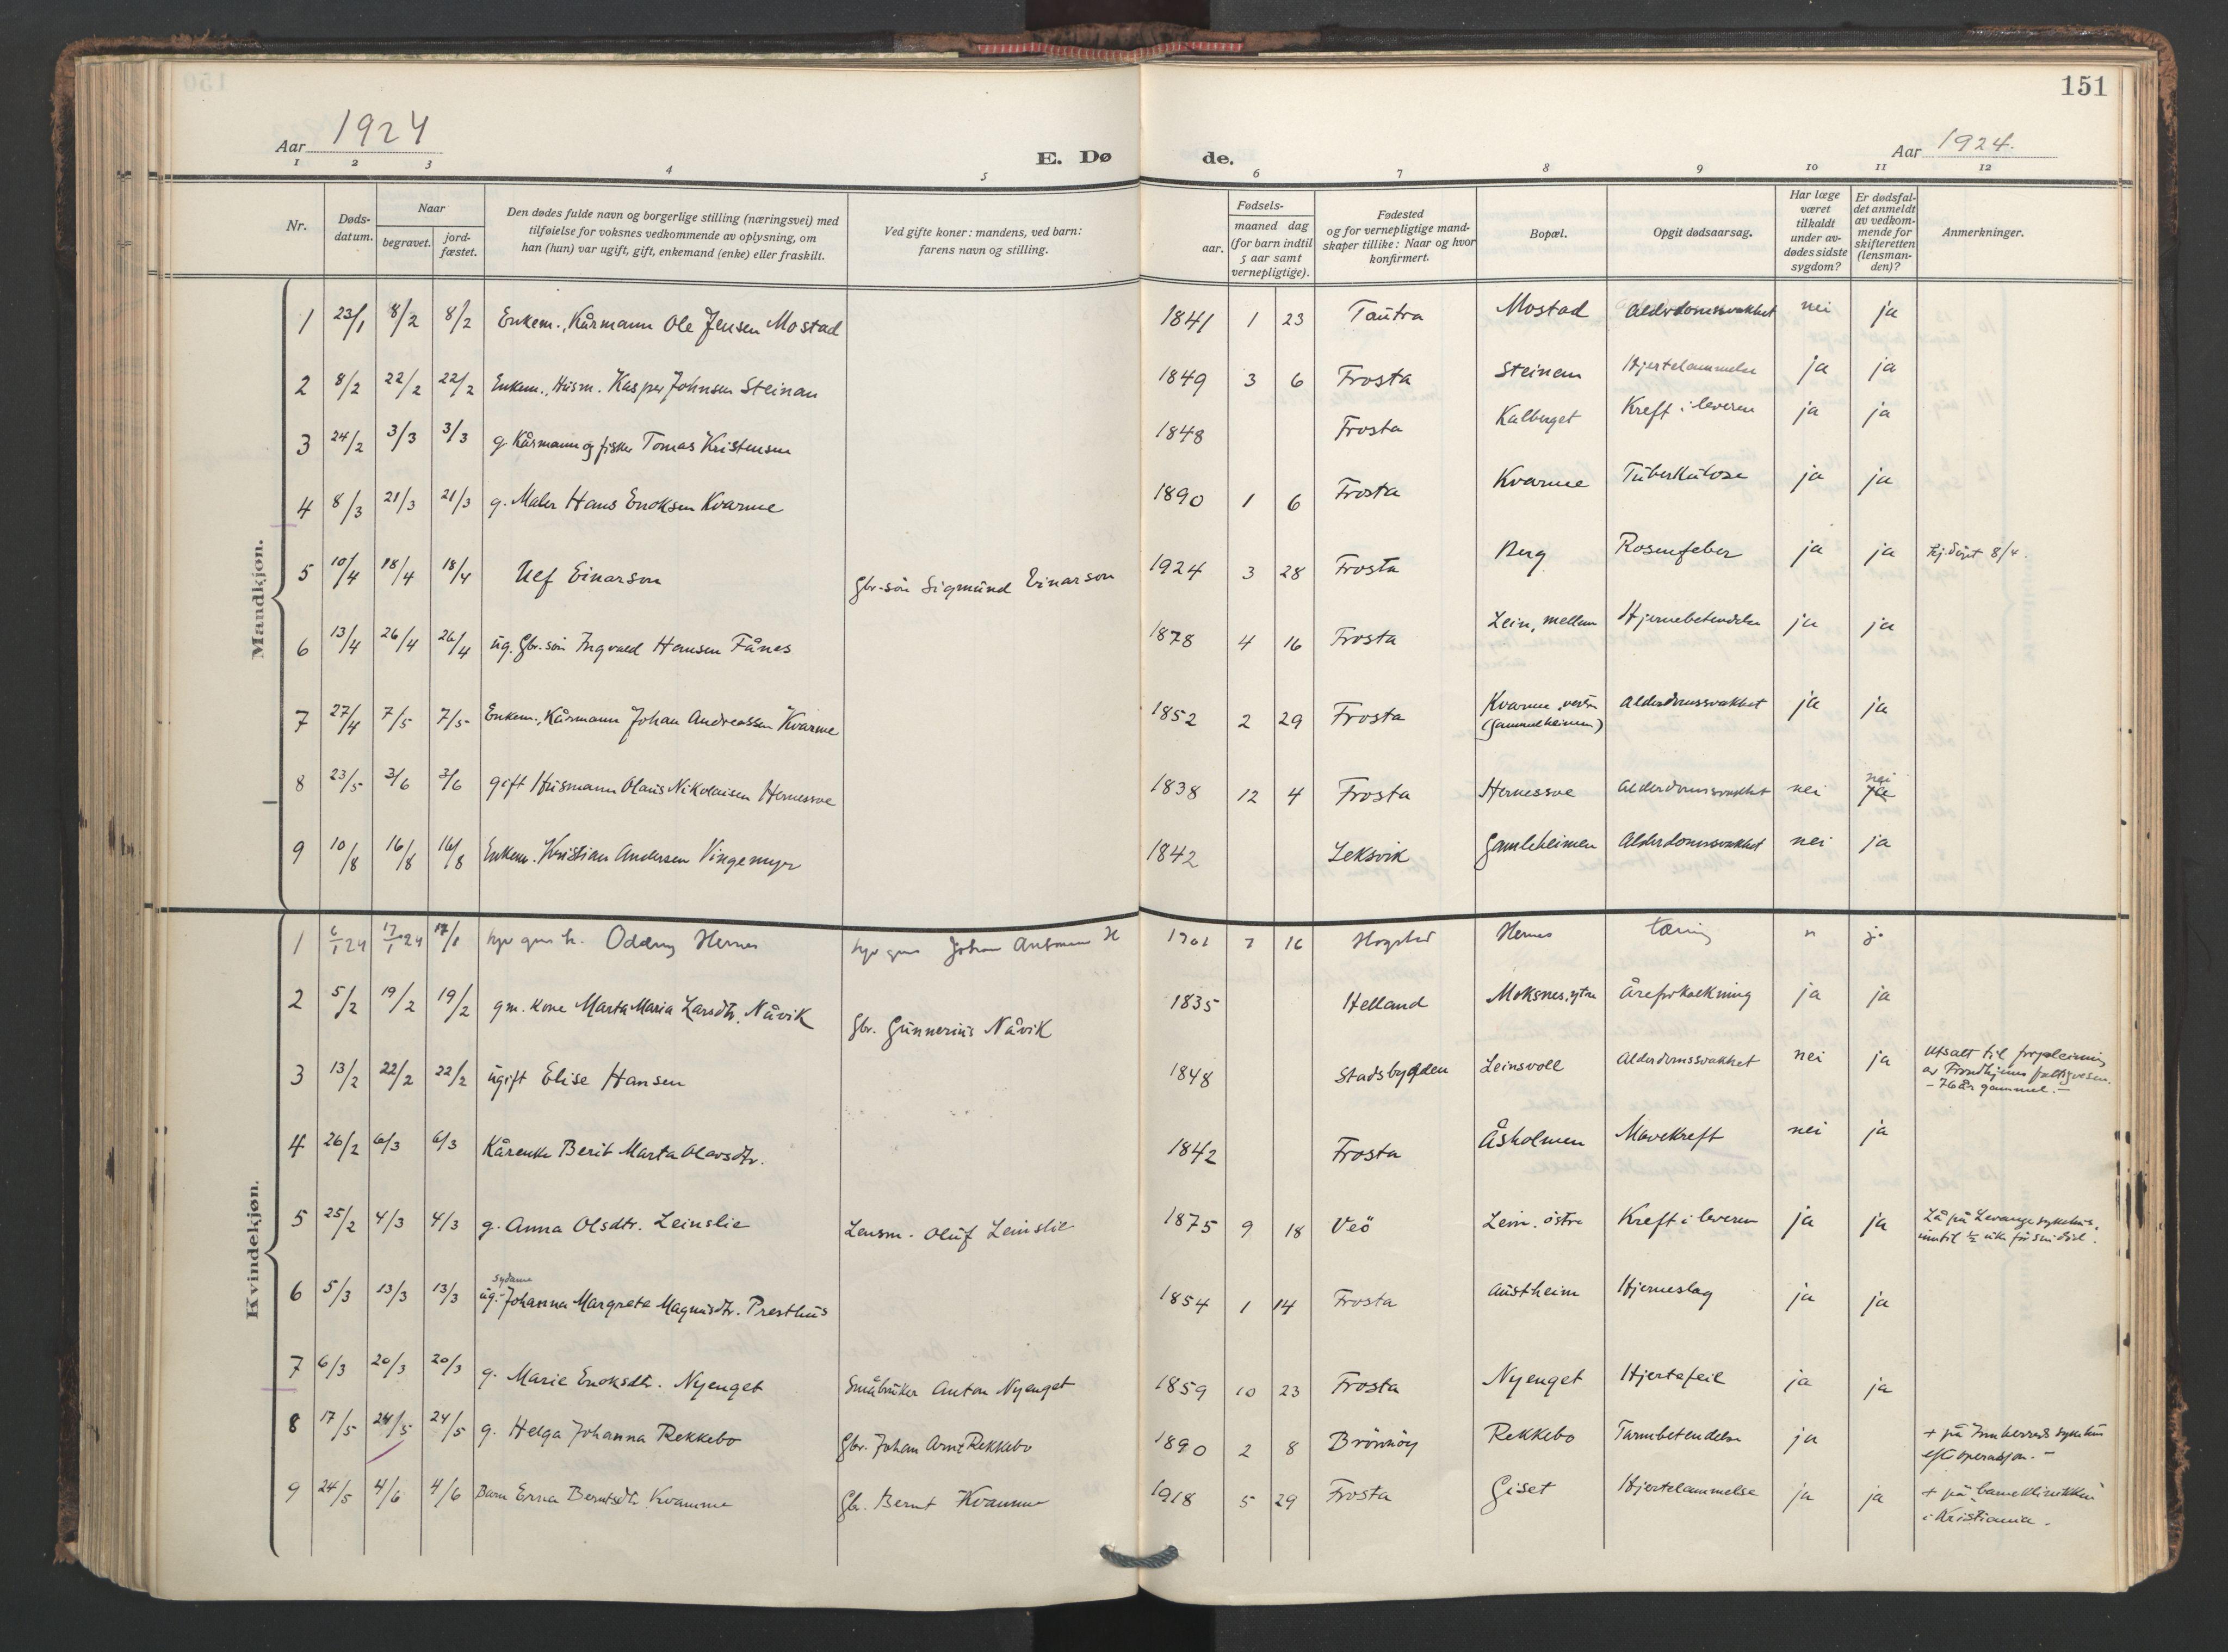 SAT, Ministerialprotokoller, klokkerbøker og fødselsregistre - Nord-Trøndelag, 713/L0123: Ministerialbok nr. 713A12, 1911-1925, s. 151